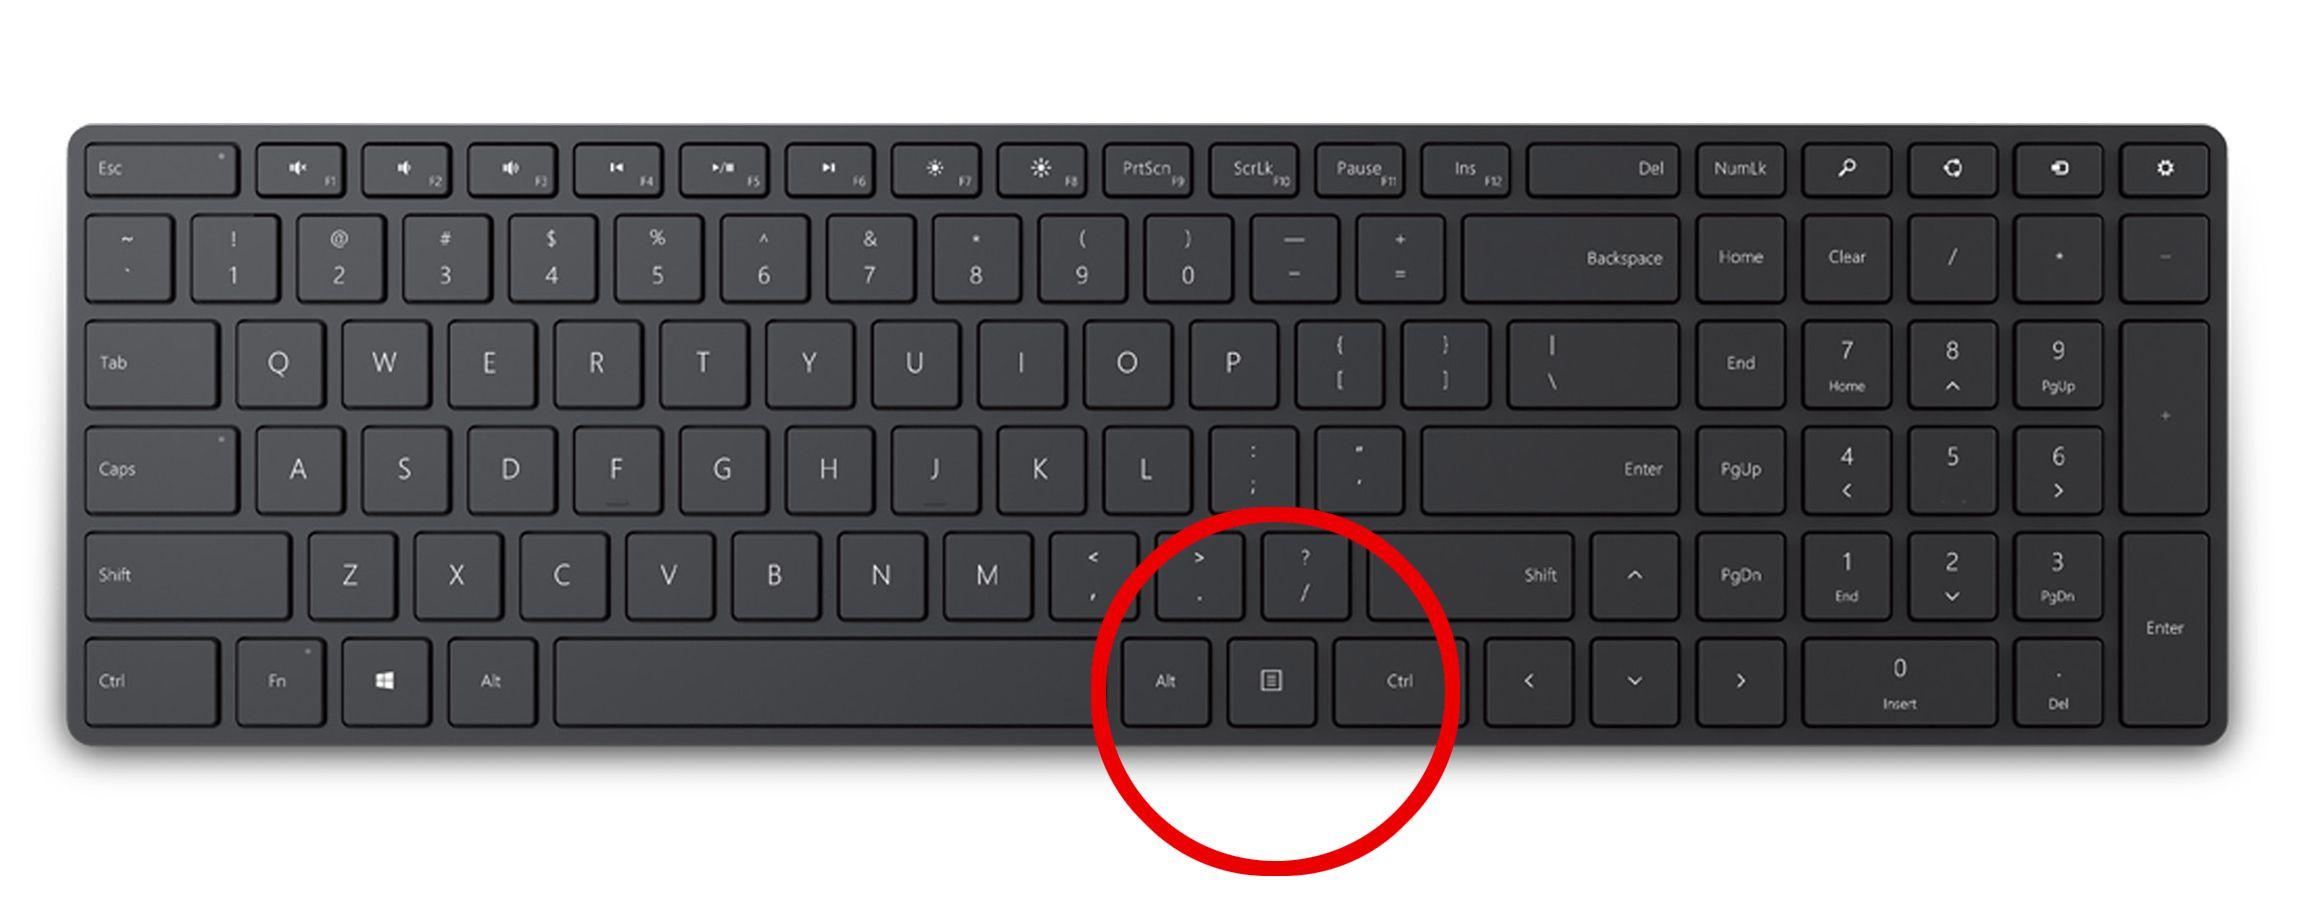 Hvorfor på tastene a og o. Hva er et tastatur, og hvorfor